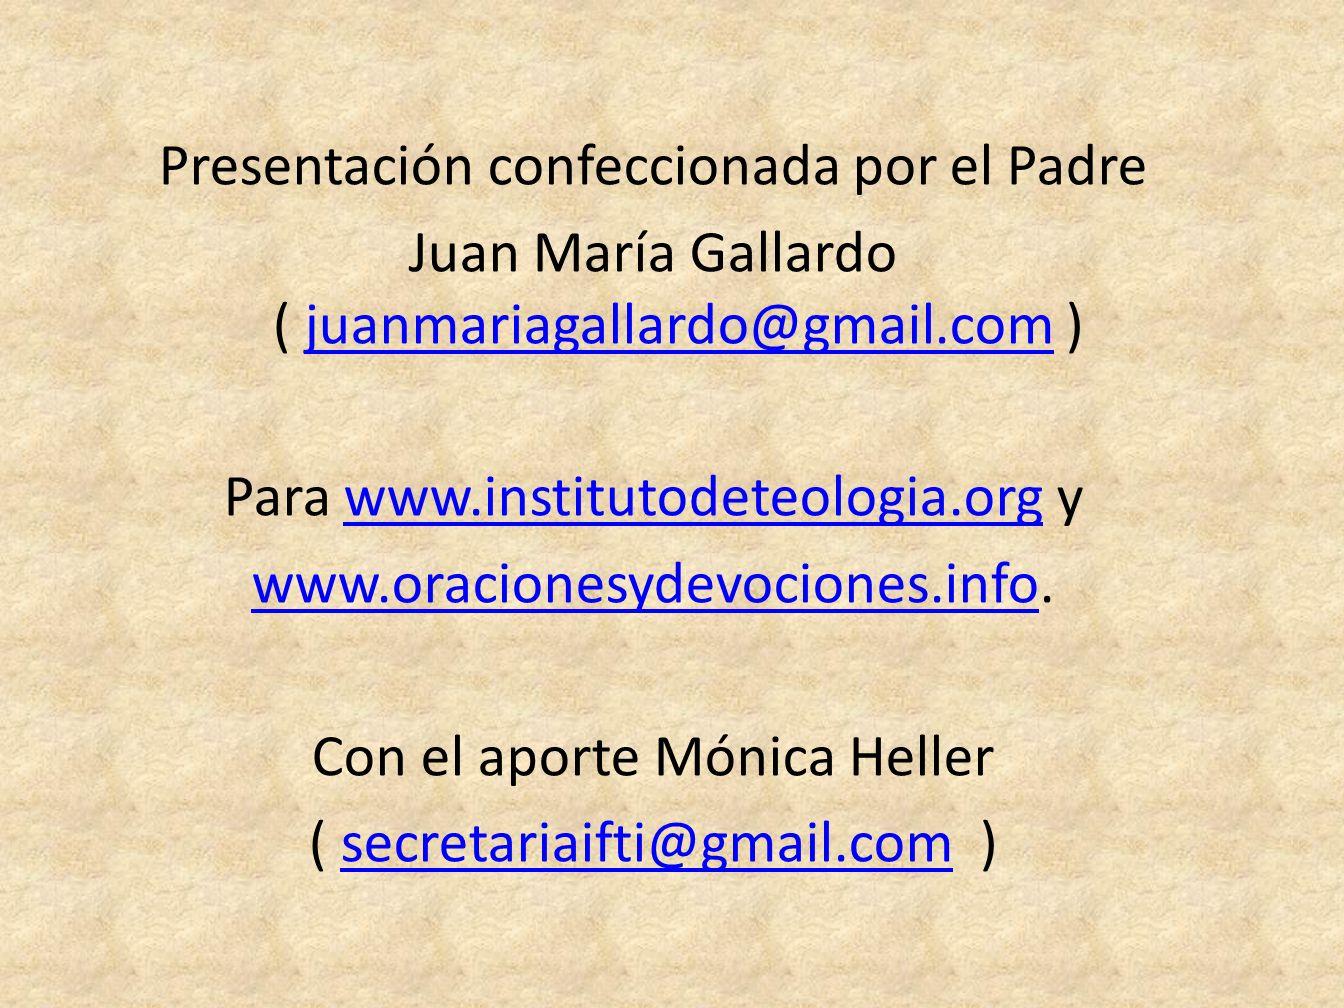 Presentación confeccionada por el Padre Juan María Gallardo ( juanmariagallardo@gmail.com )juanmariagallardo@gmail.com Para www.institutodeteologia.or